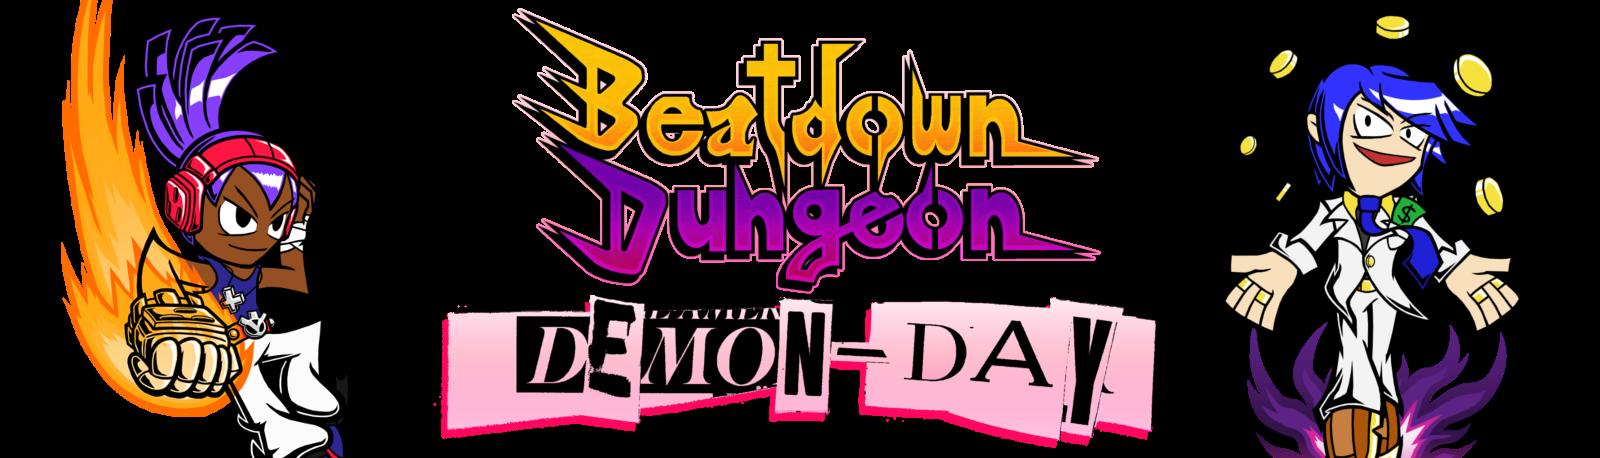 Beatdown Dungeon: Demon Day - First Demo